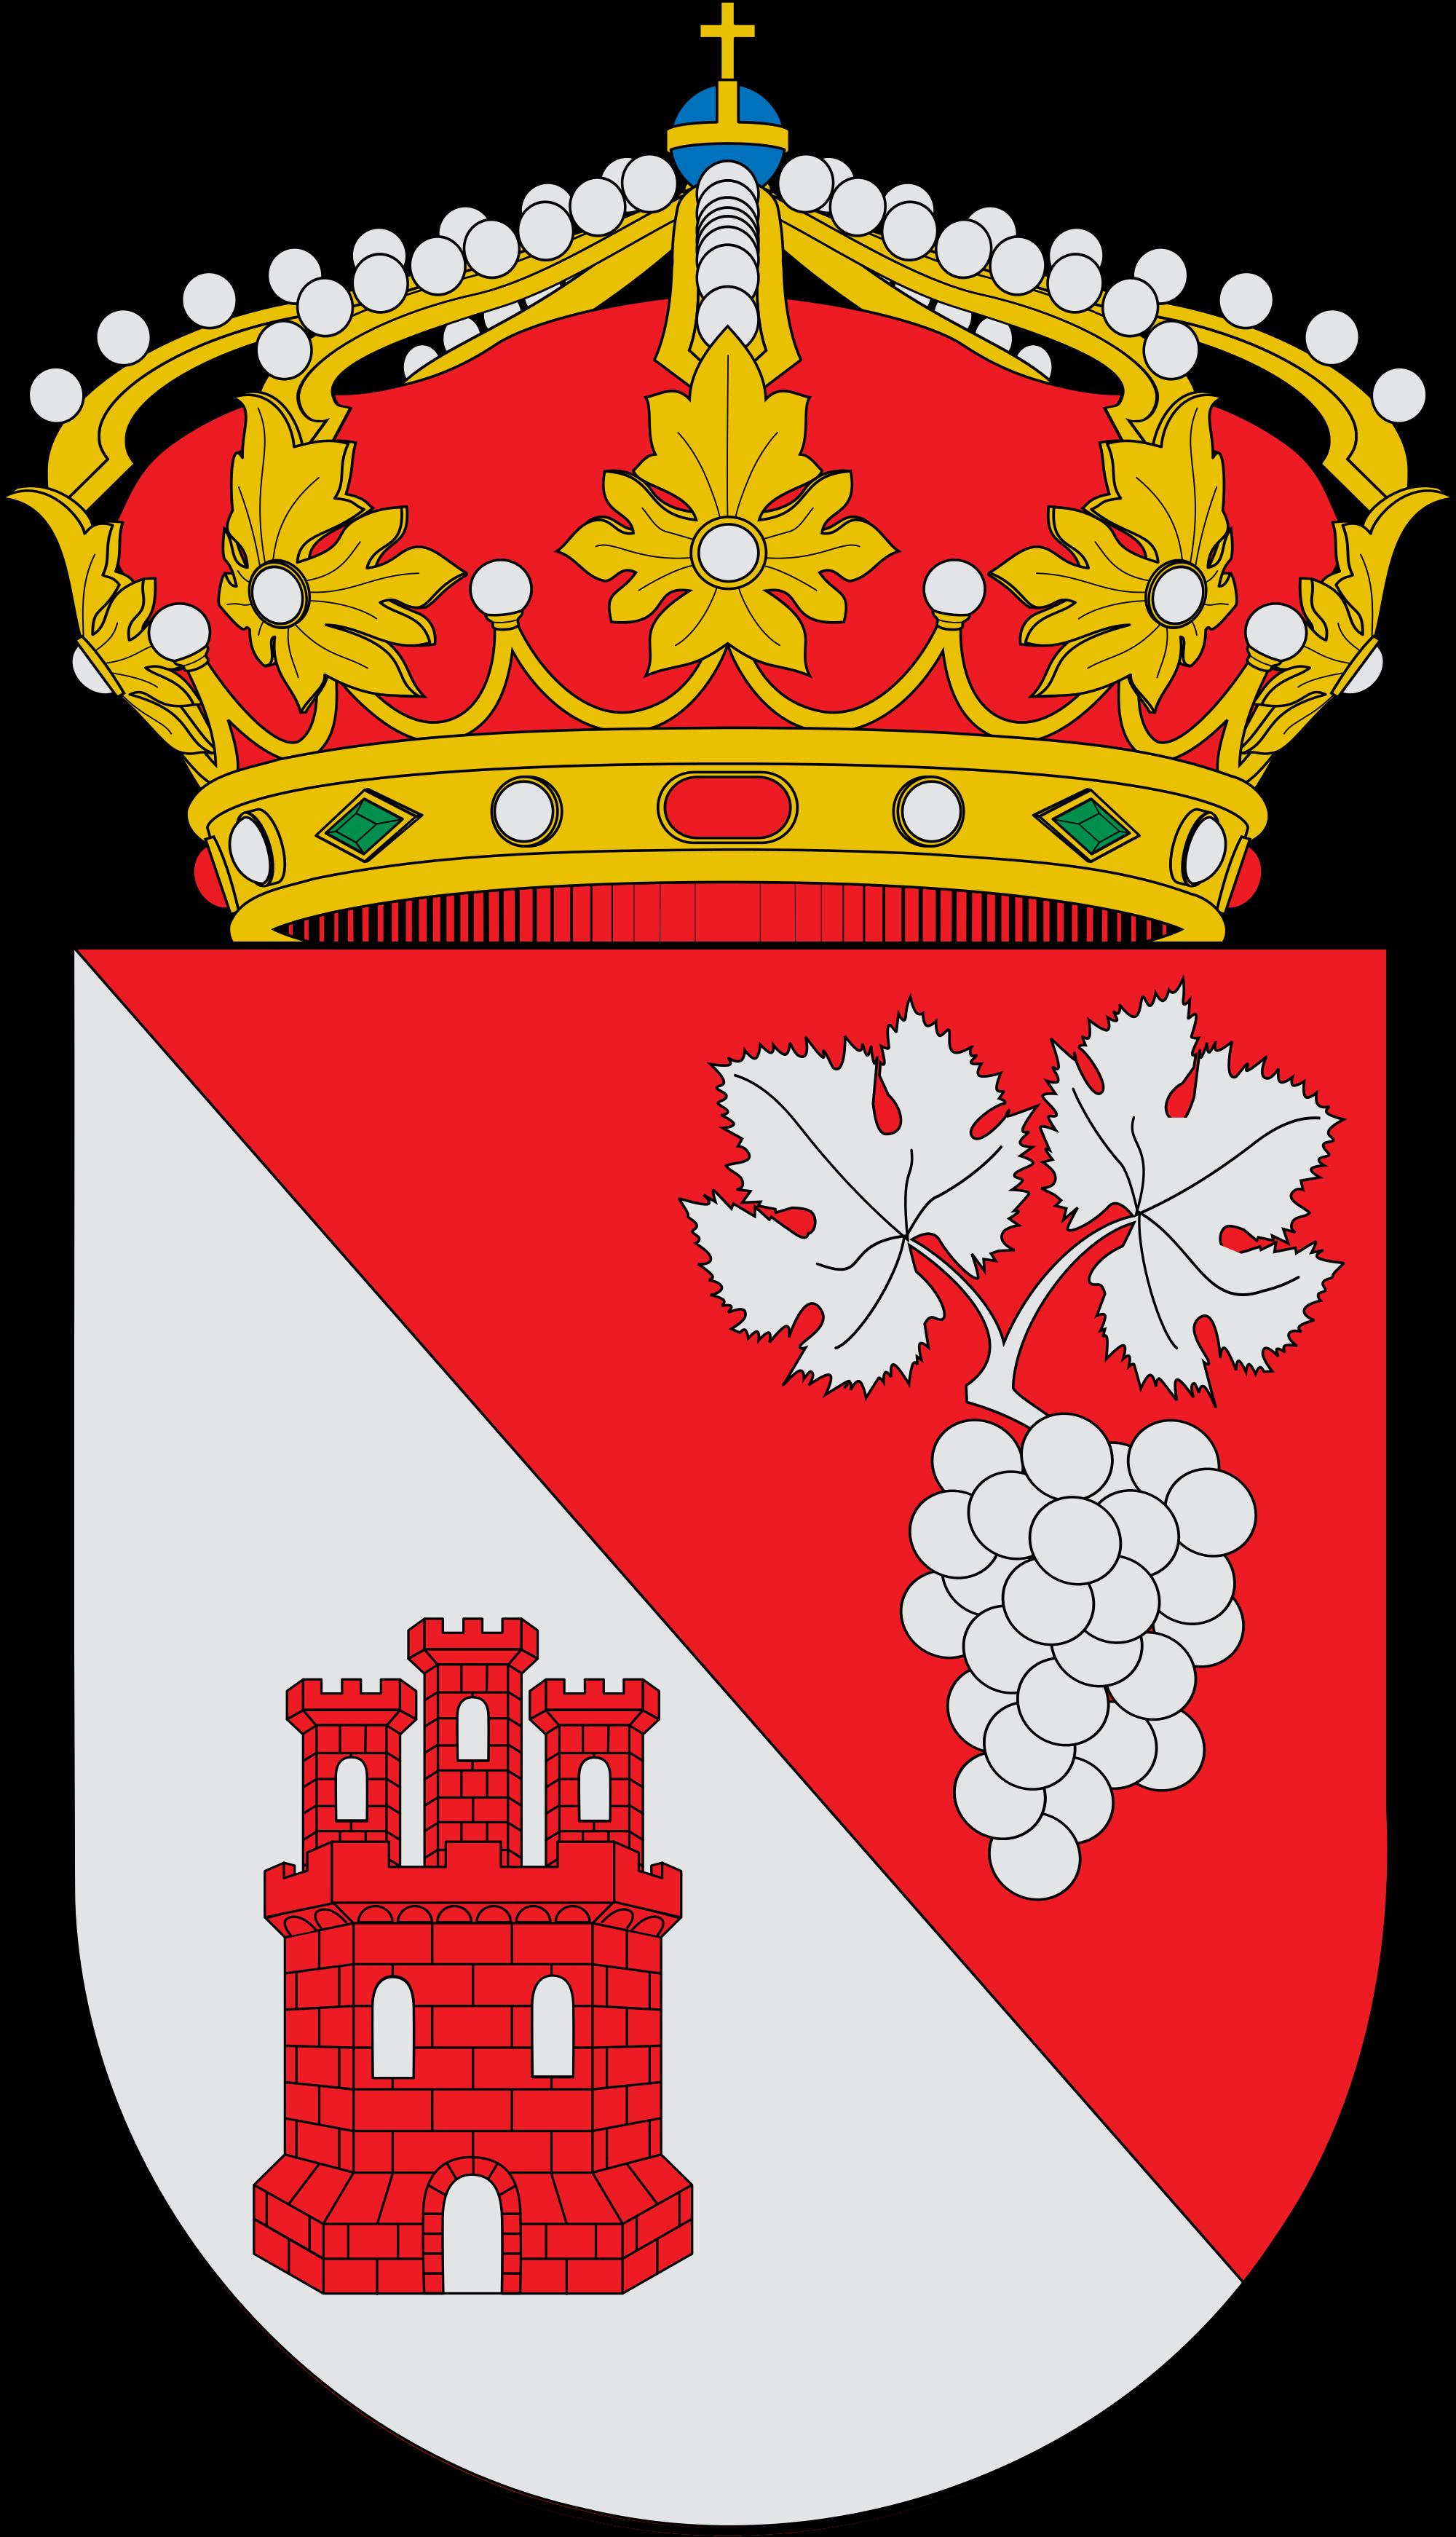 File:Escudo de Priaranza del Bierzo.svg.